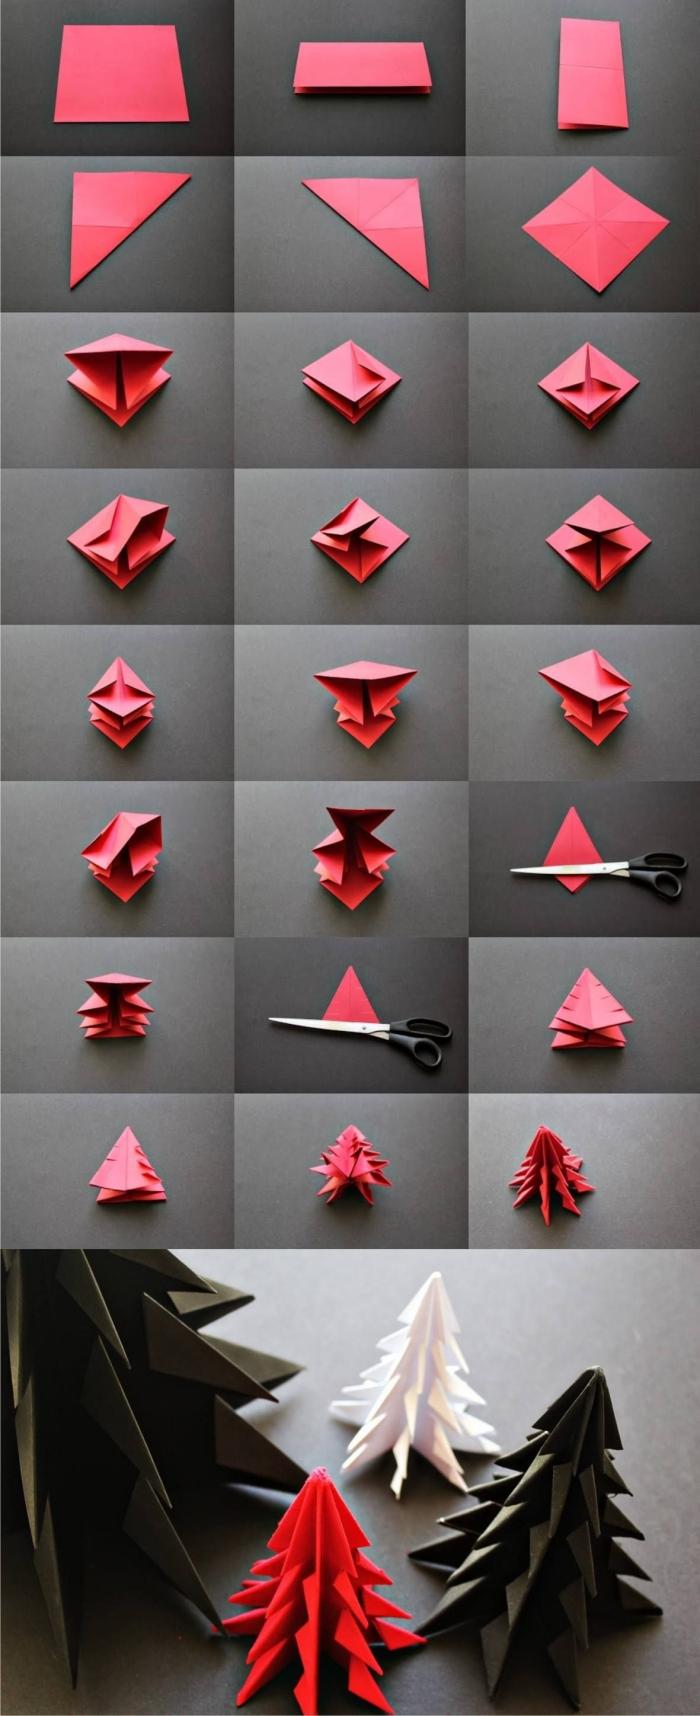 les étapes de pliage pour faire un mini sapin origami qui décorera joliment un centre de table ou une étagère